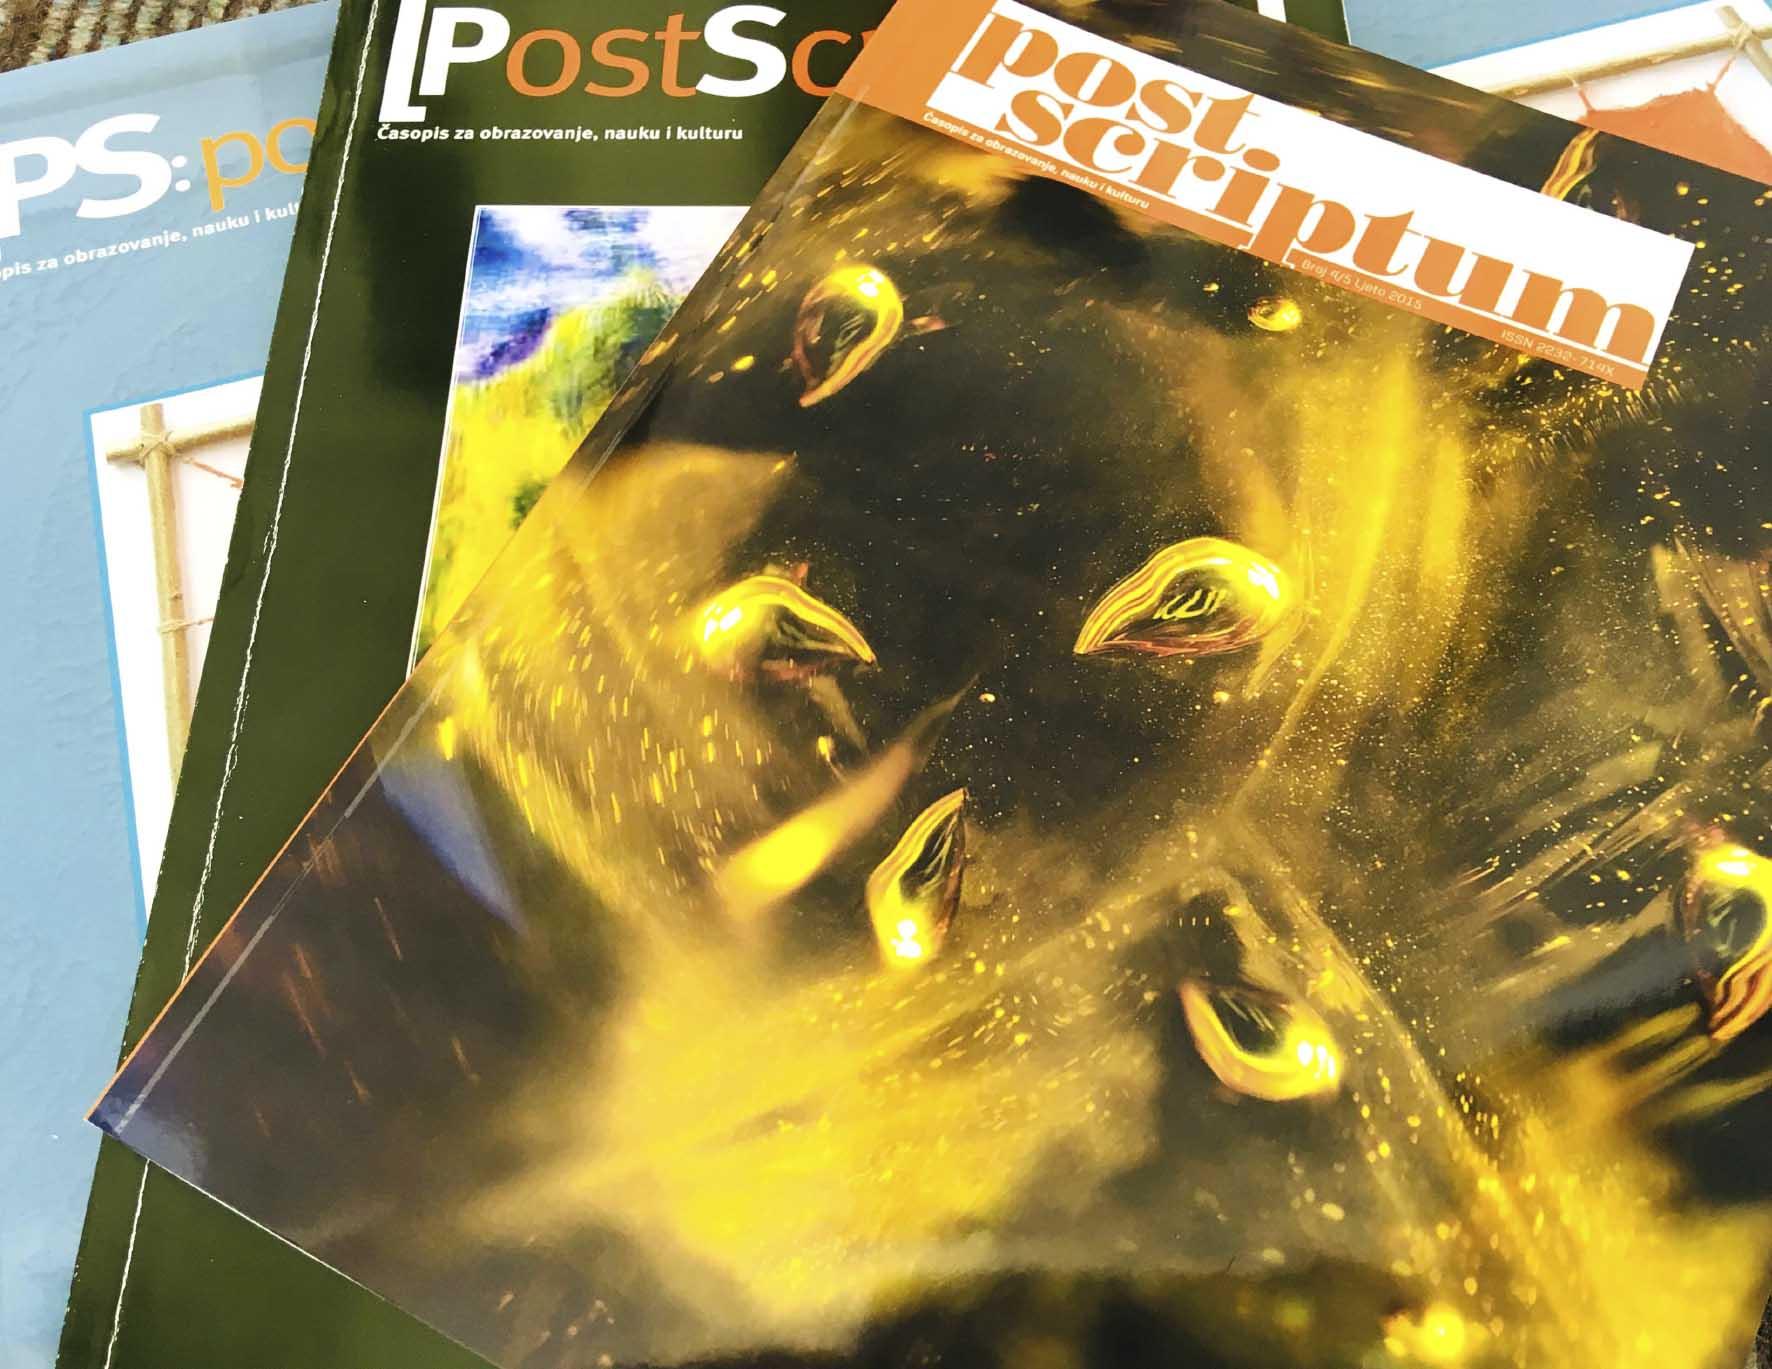 Objavljen novi dvobroj časopisa Post Scriptum